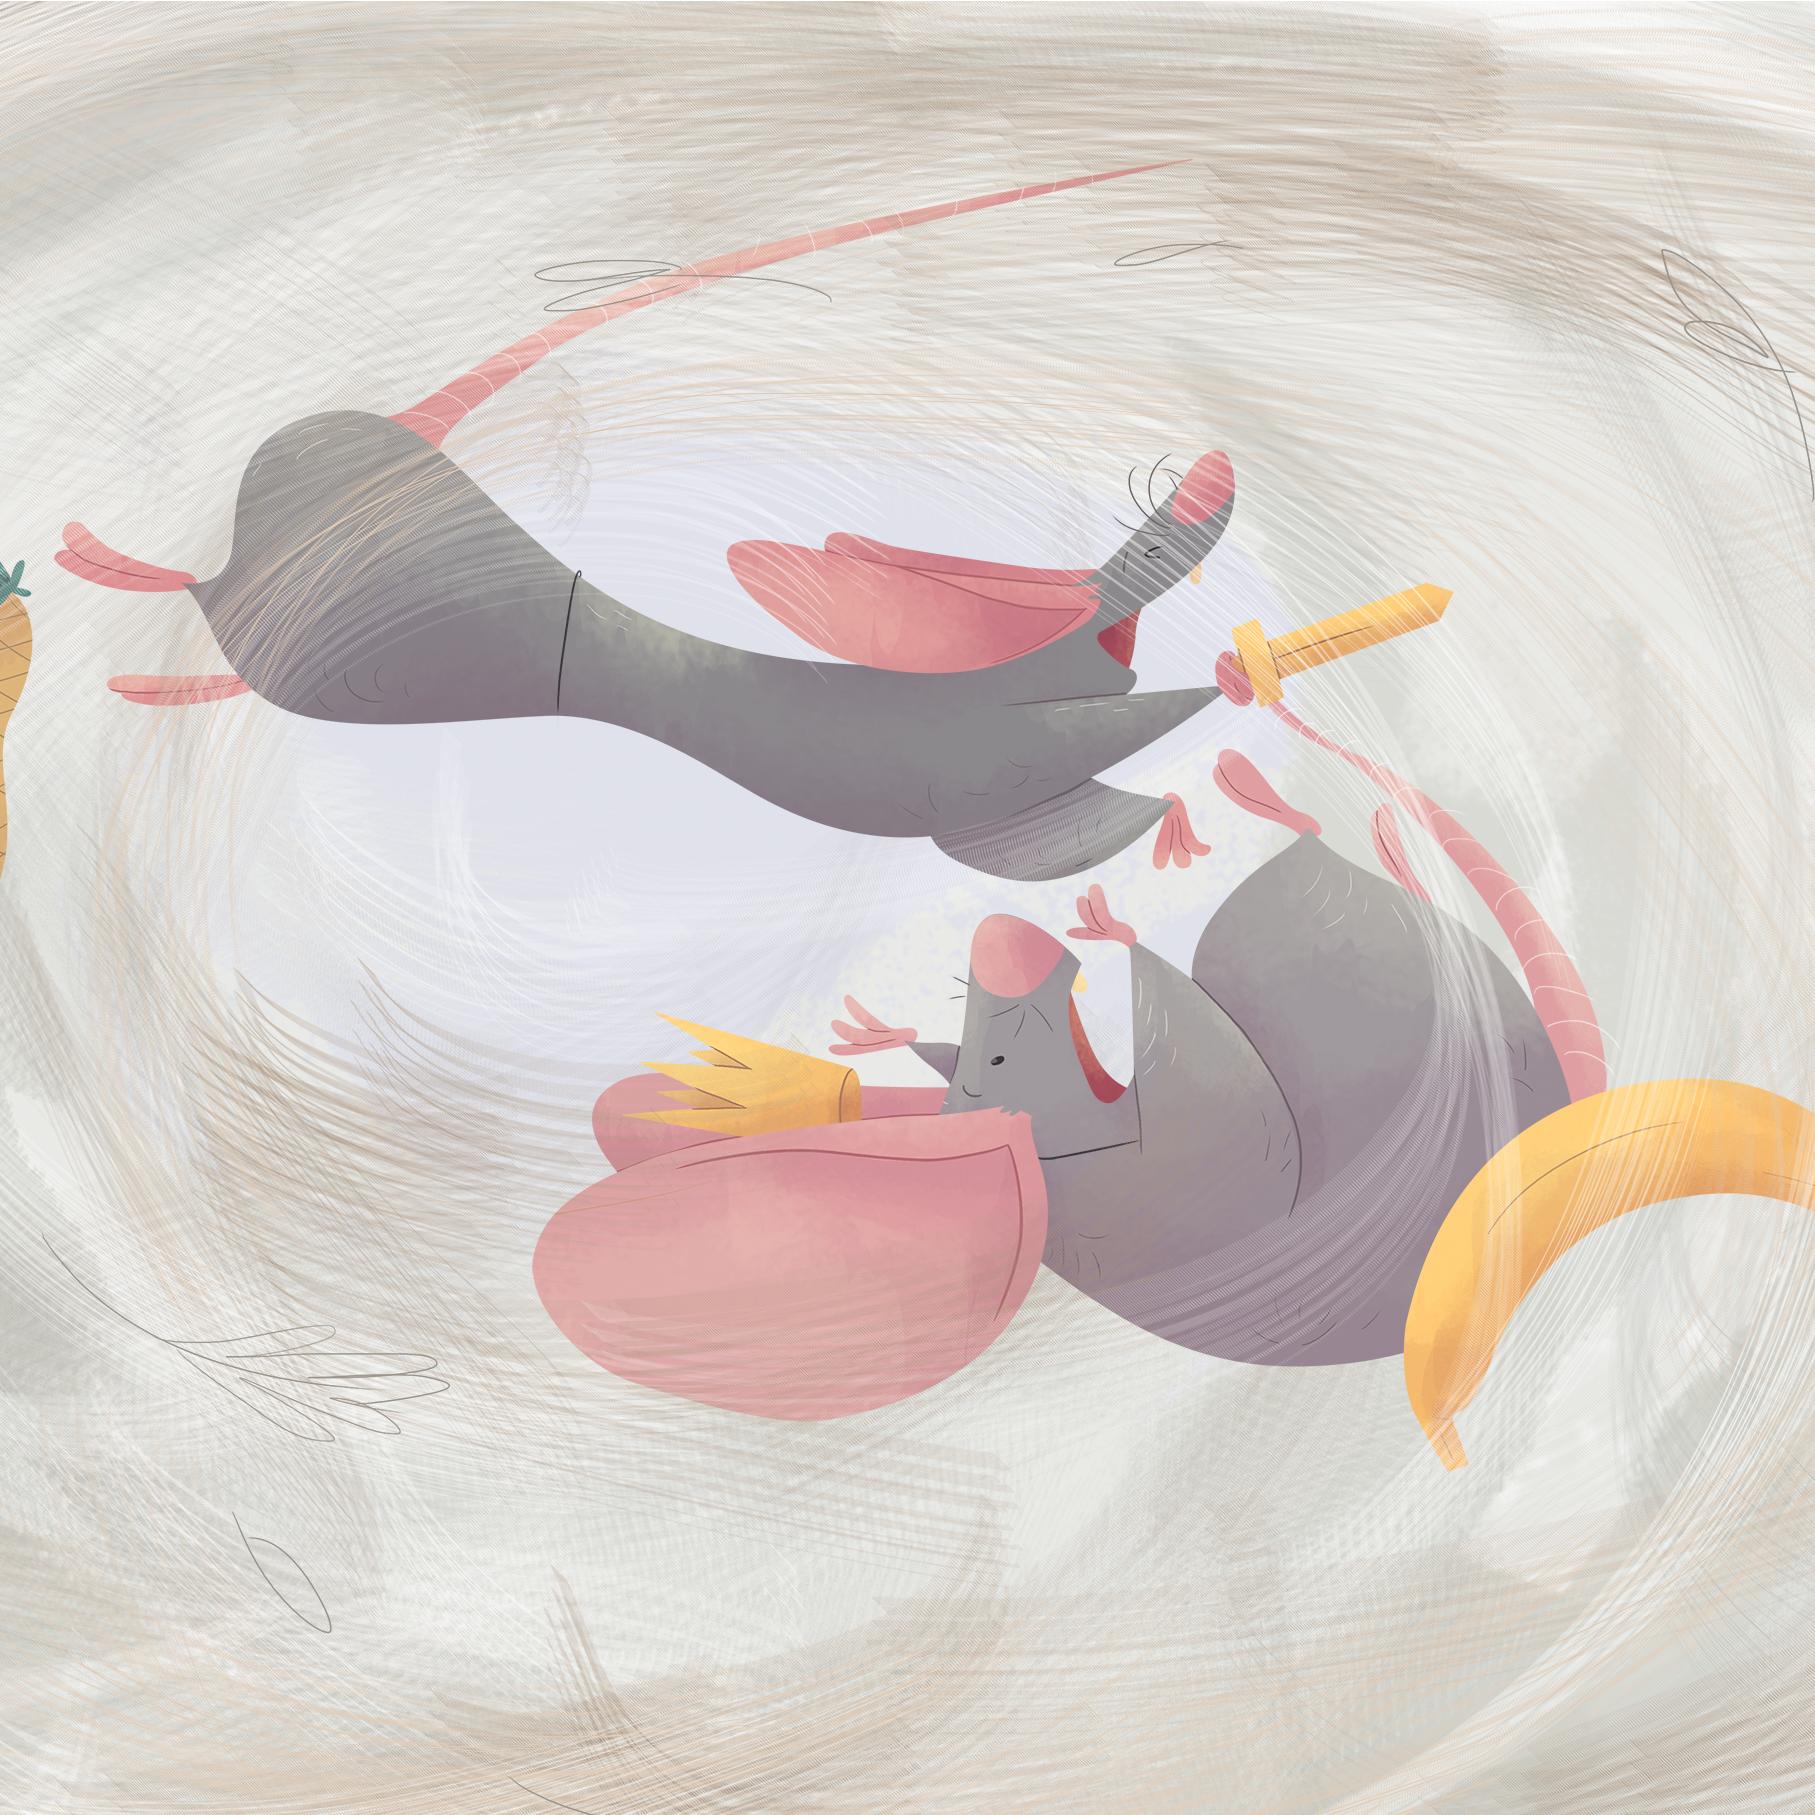 ilustracion infantil raton remolino viento nice tales